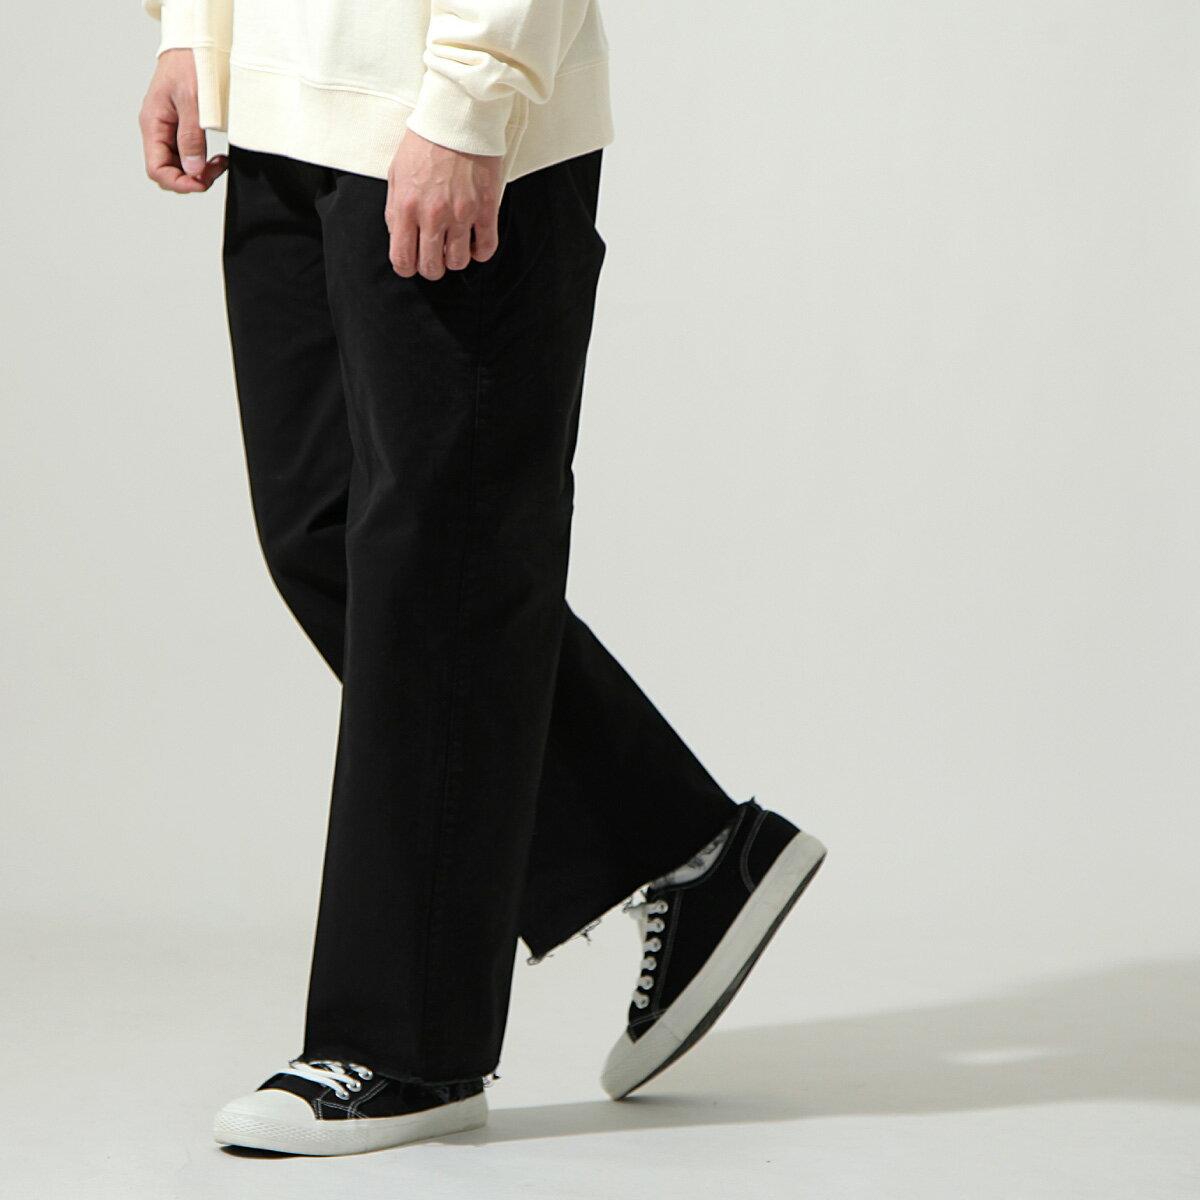 【New】ZIP 素色寬褲 立體折線 9